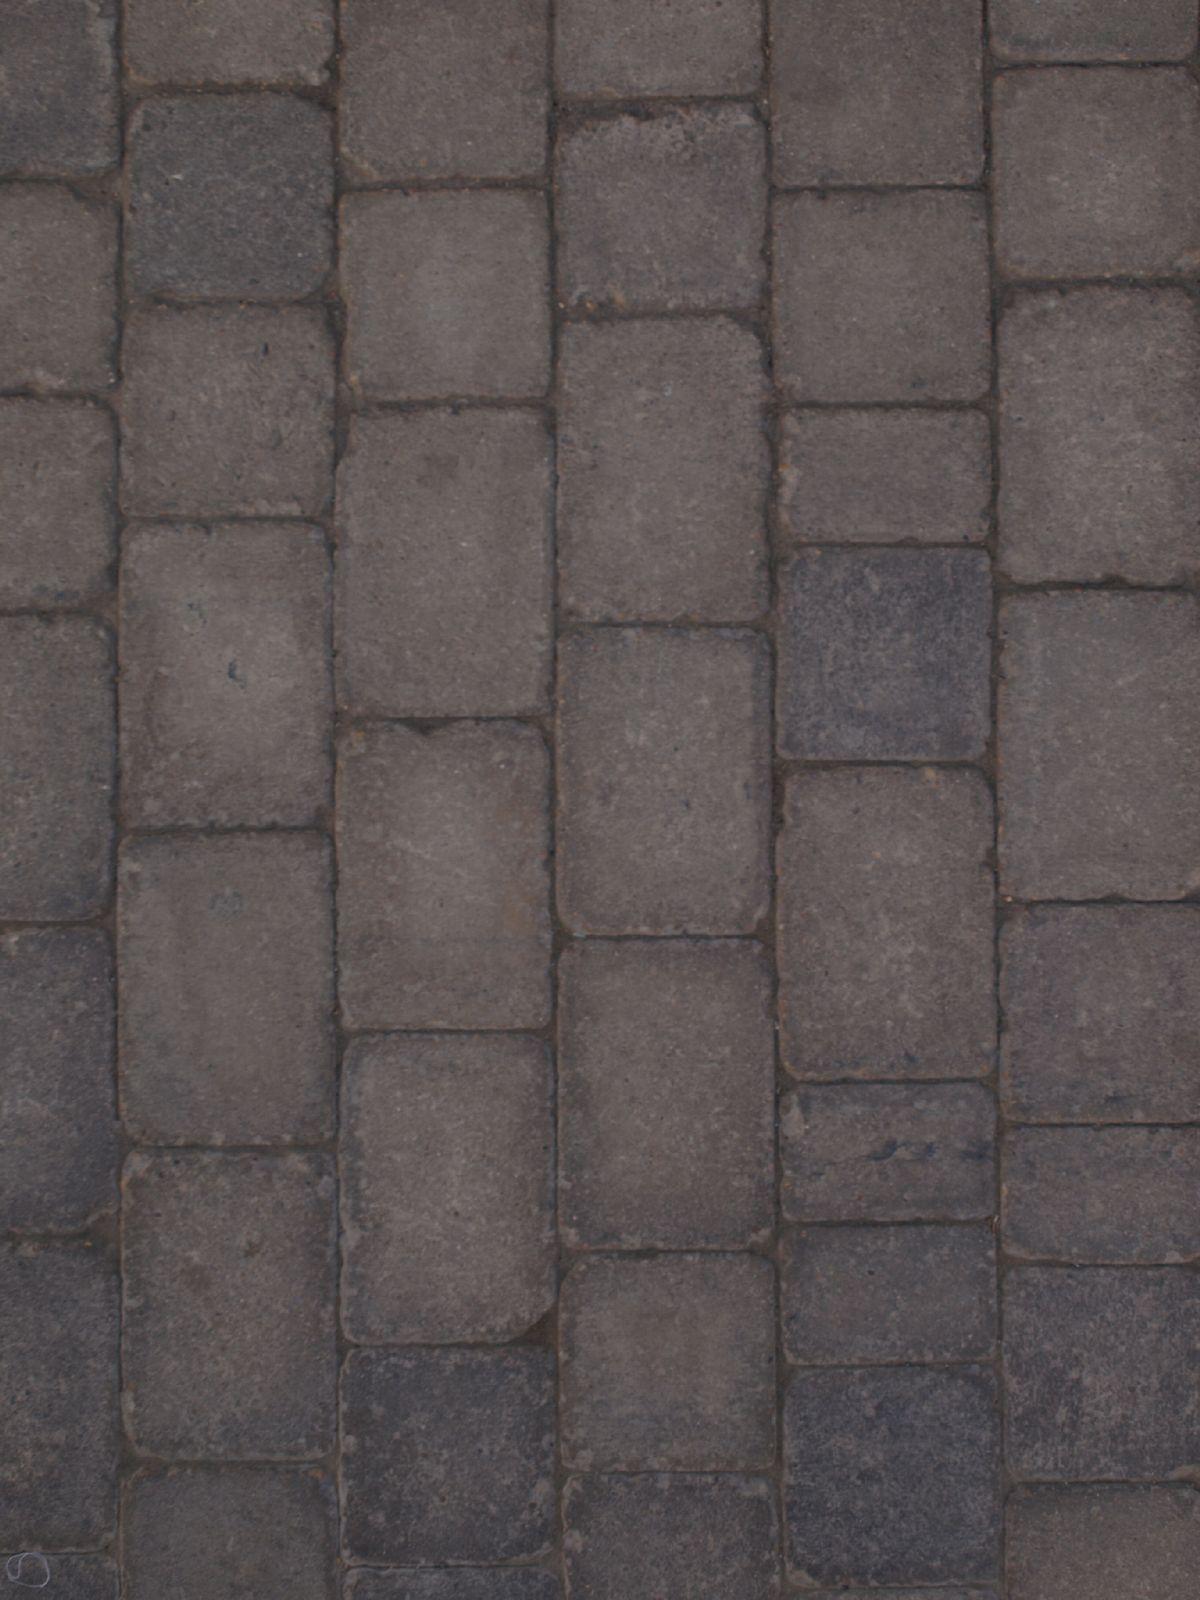 Ground-Urban_Texture_A_P5265207